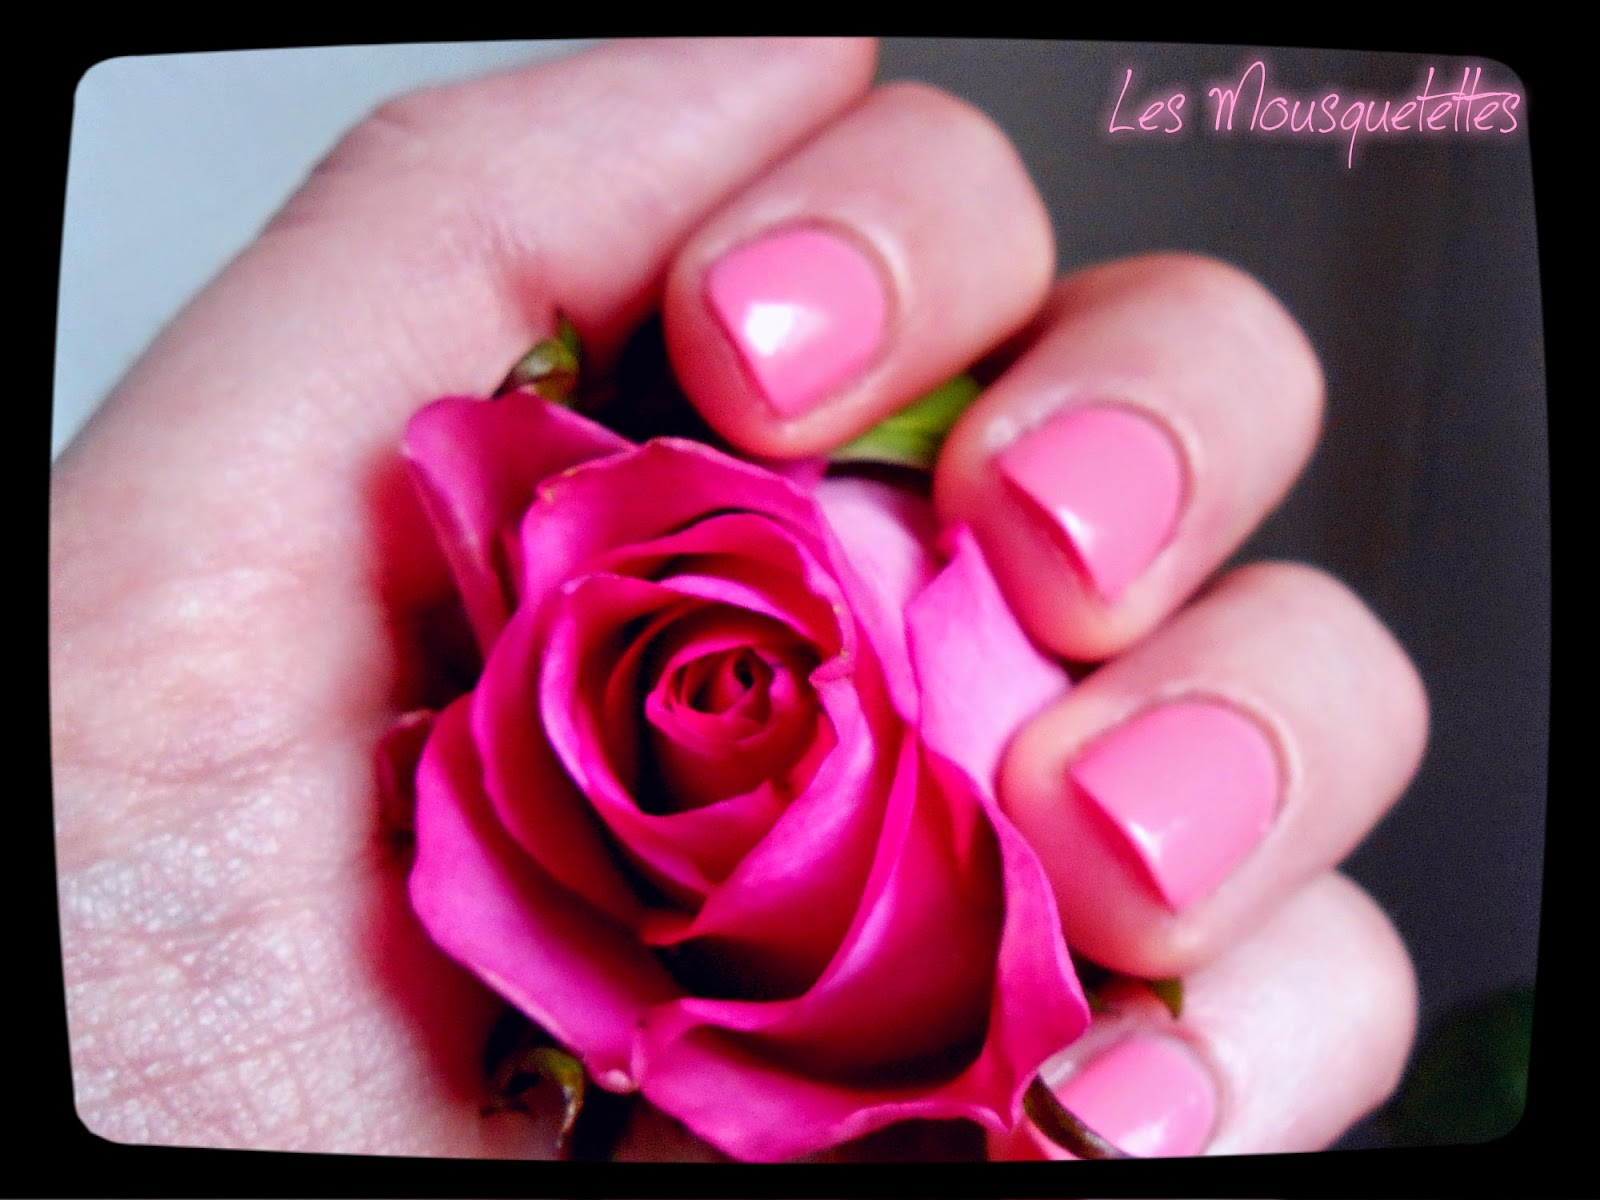 Vernis Please, Draw me a Rose Gregory Ferrié Paris - Les Mousquetettes©